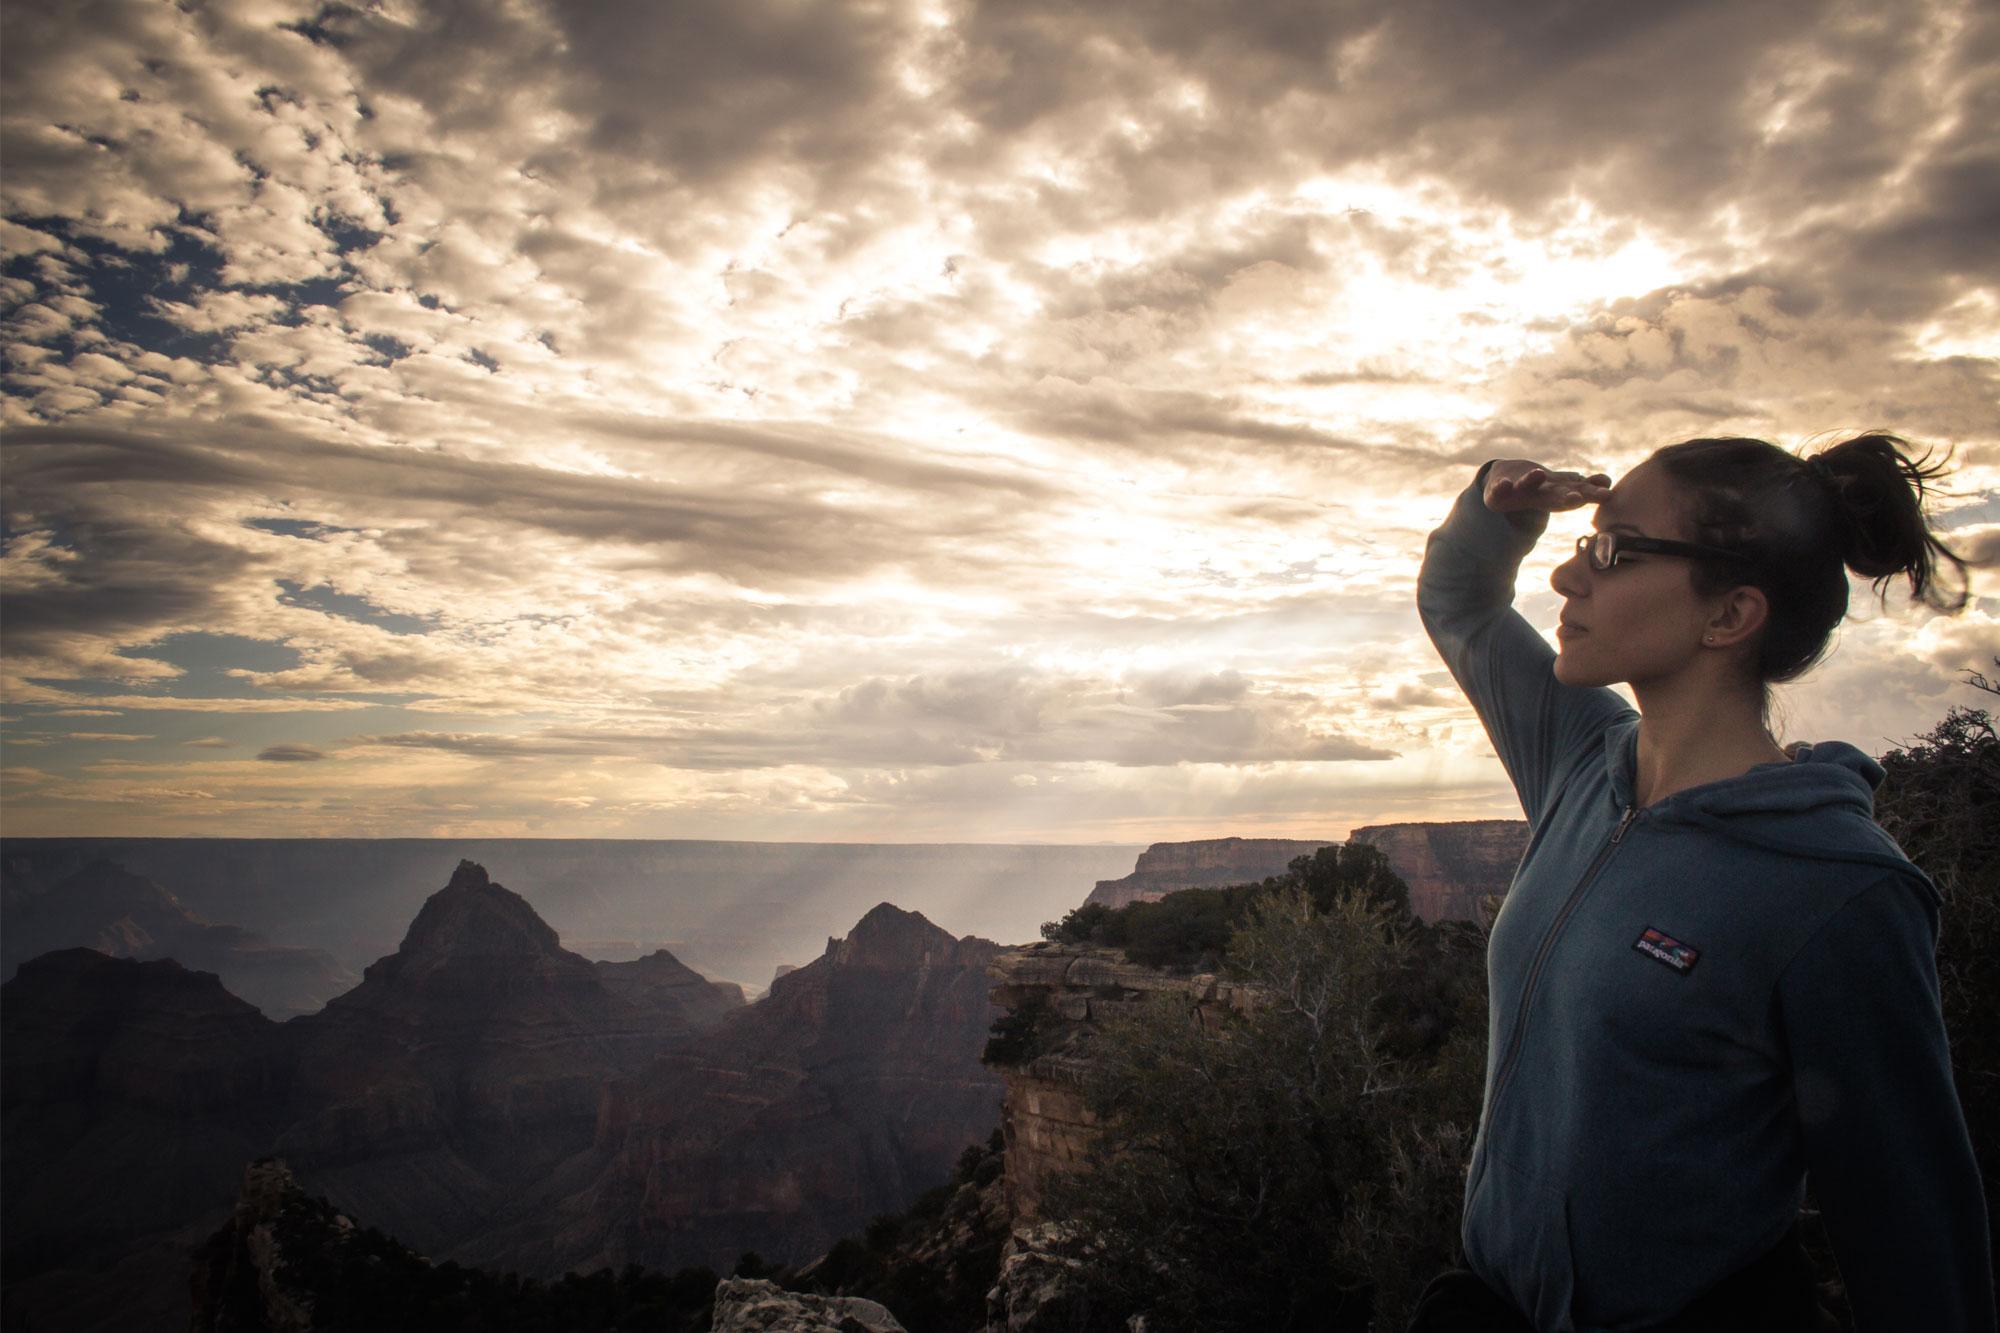 Amy Grand Canyon, USA